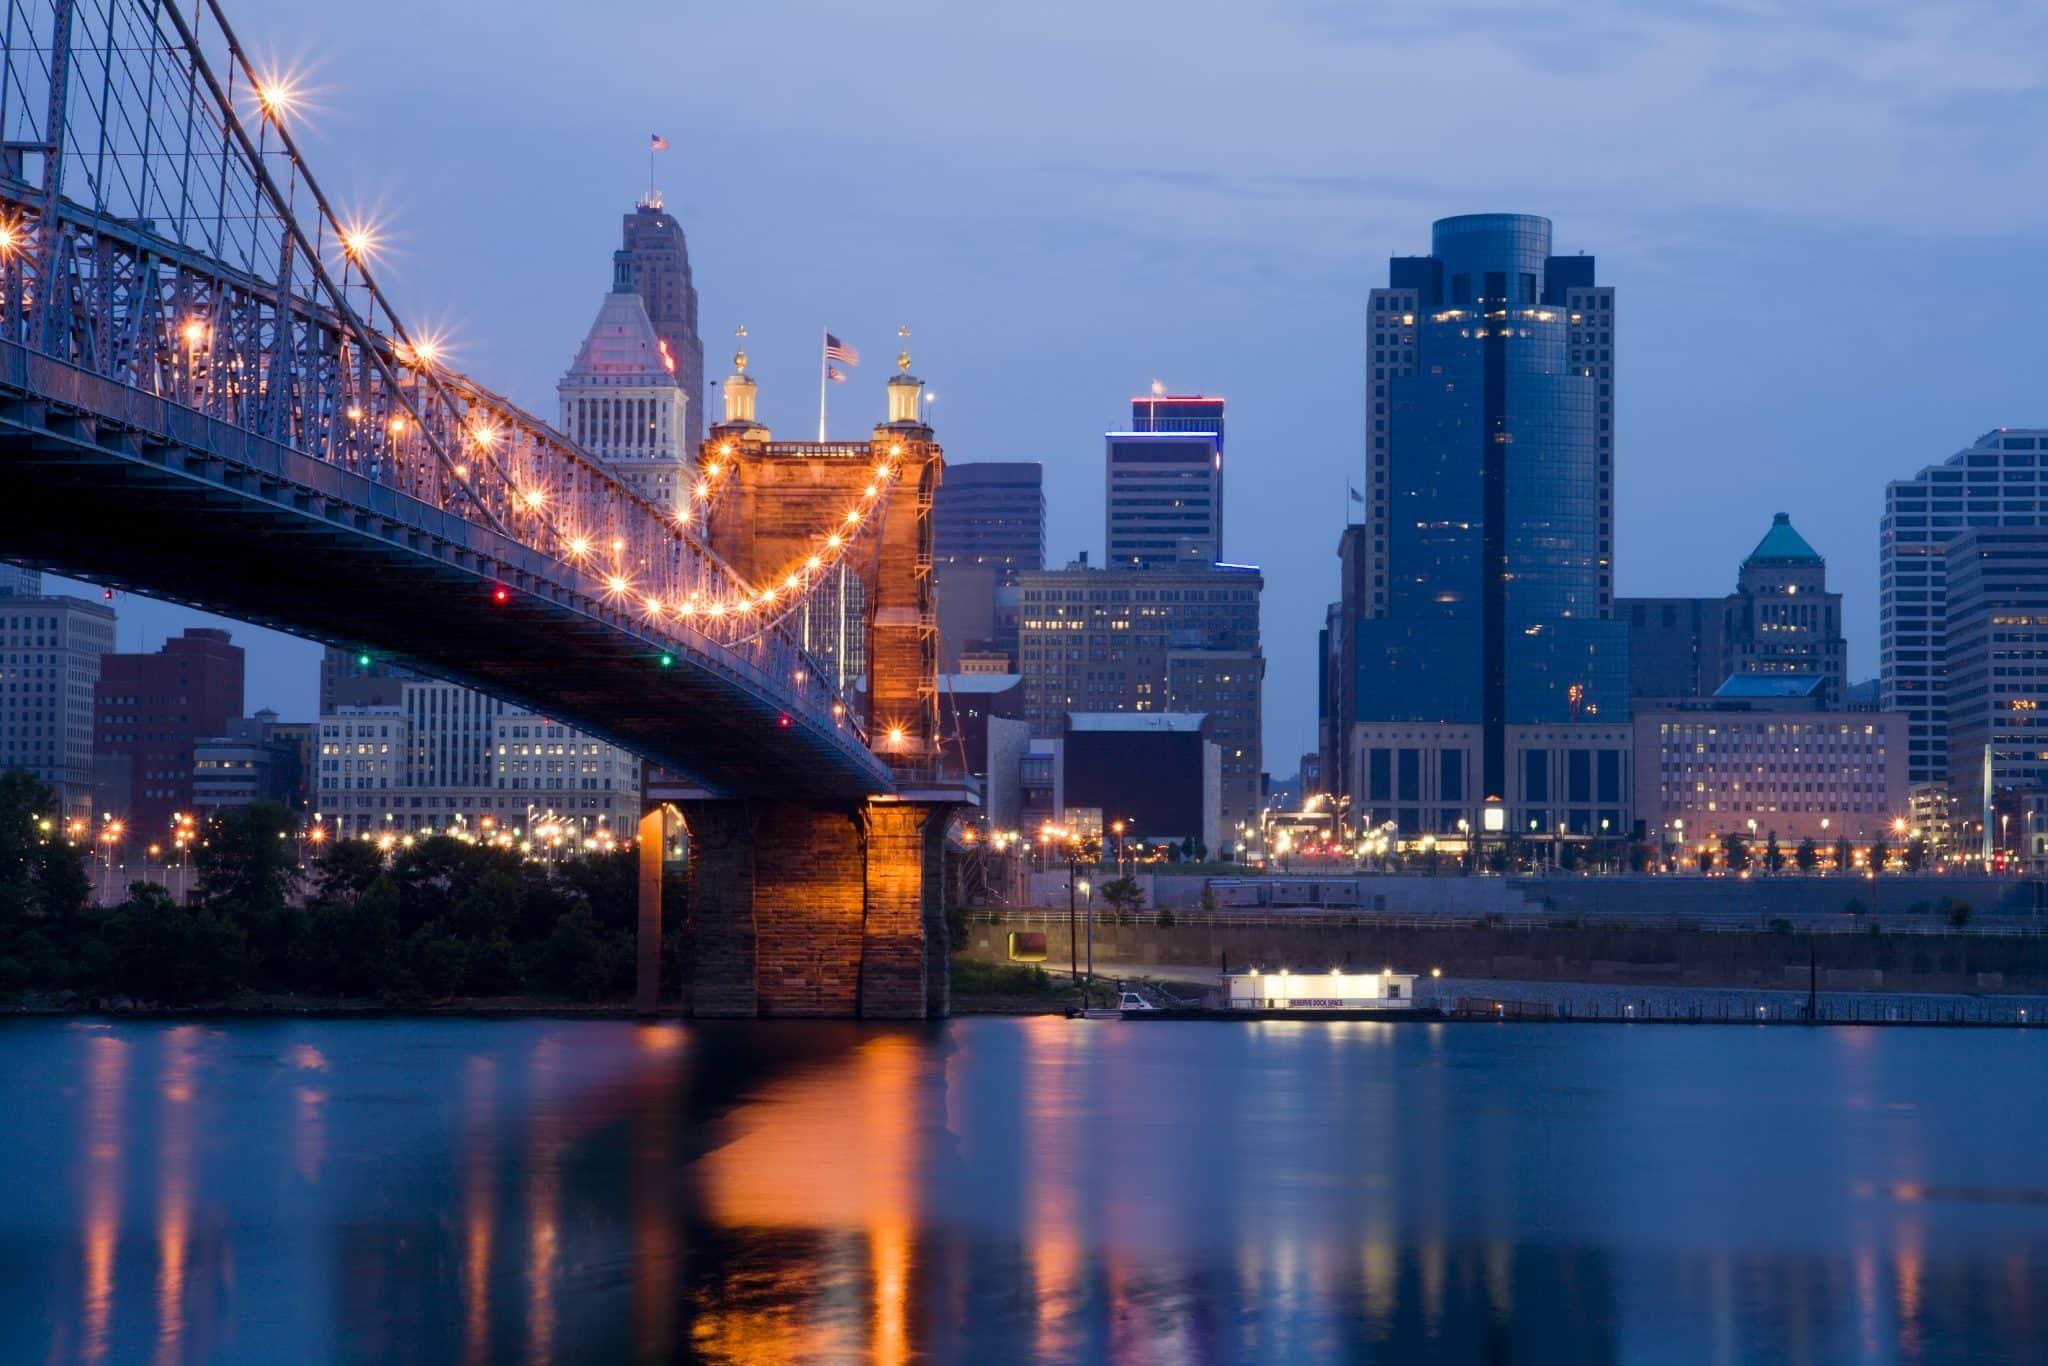 Cincinnati skyline and Roebling Suspension Bridge shortly before sunrise.